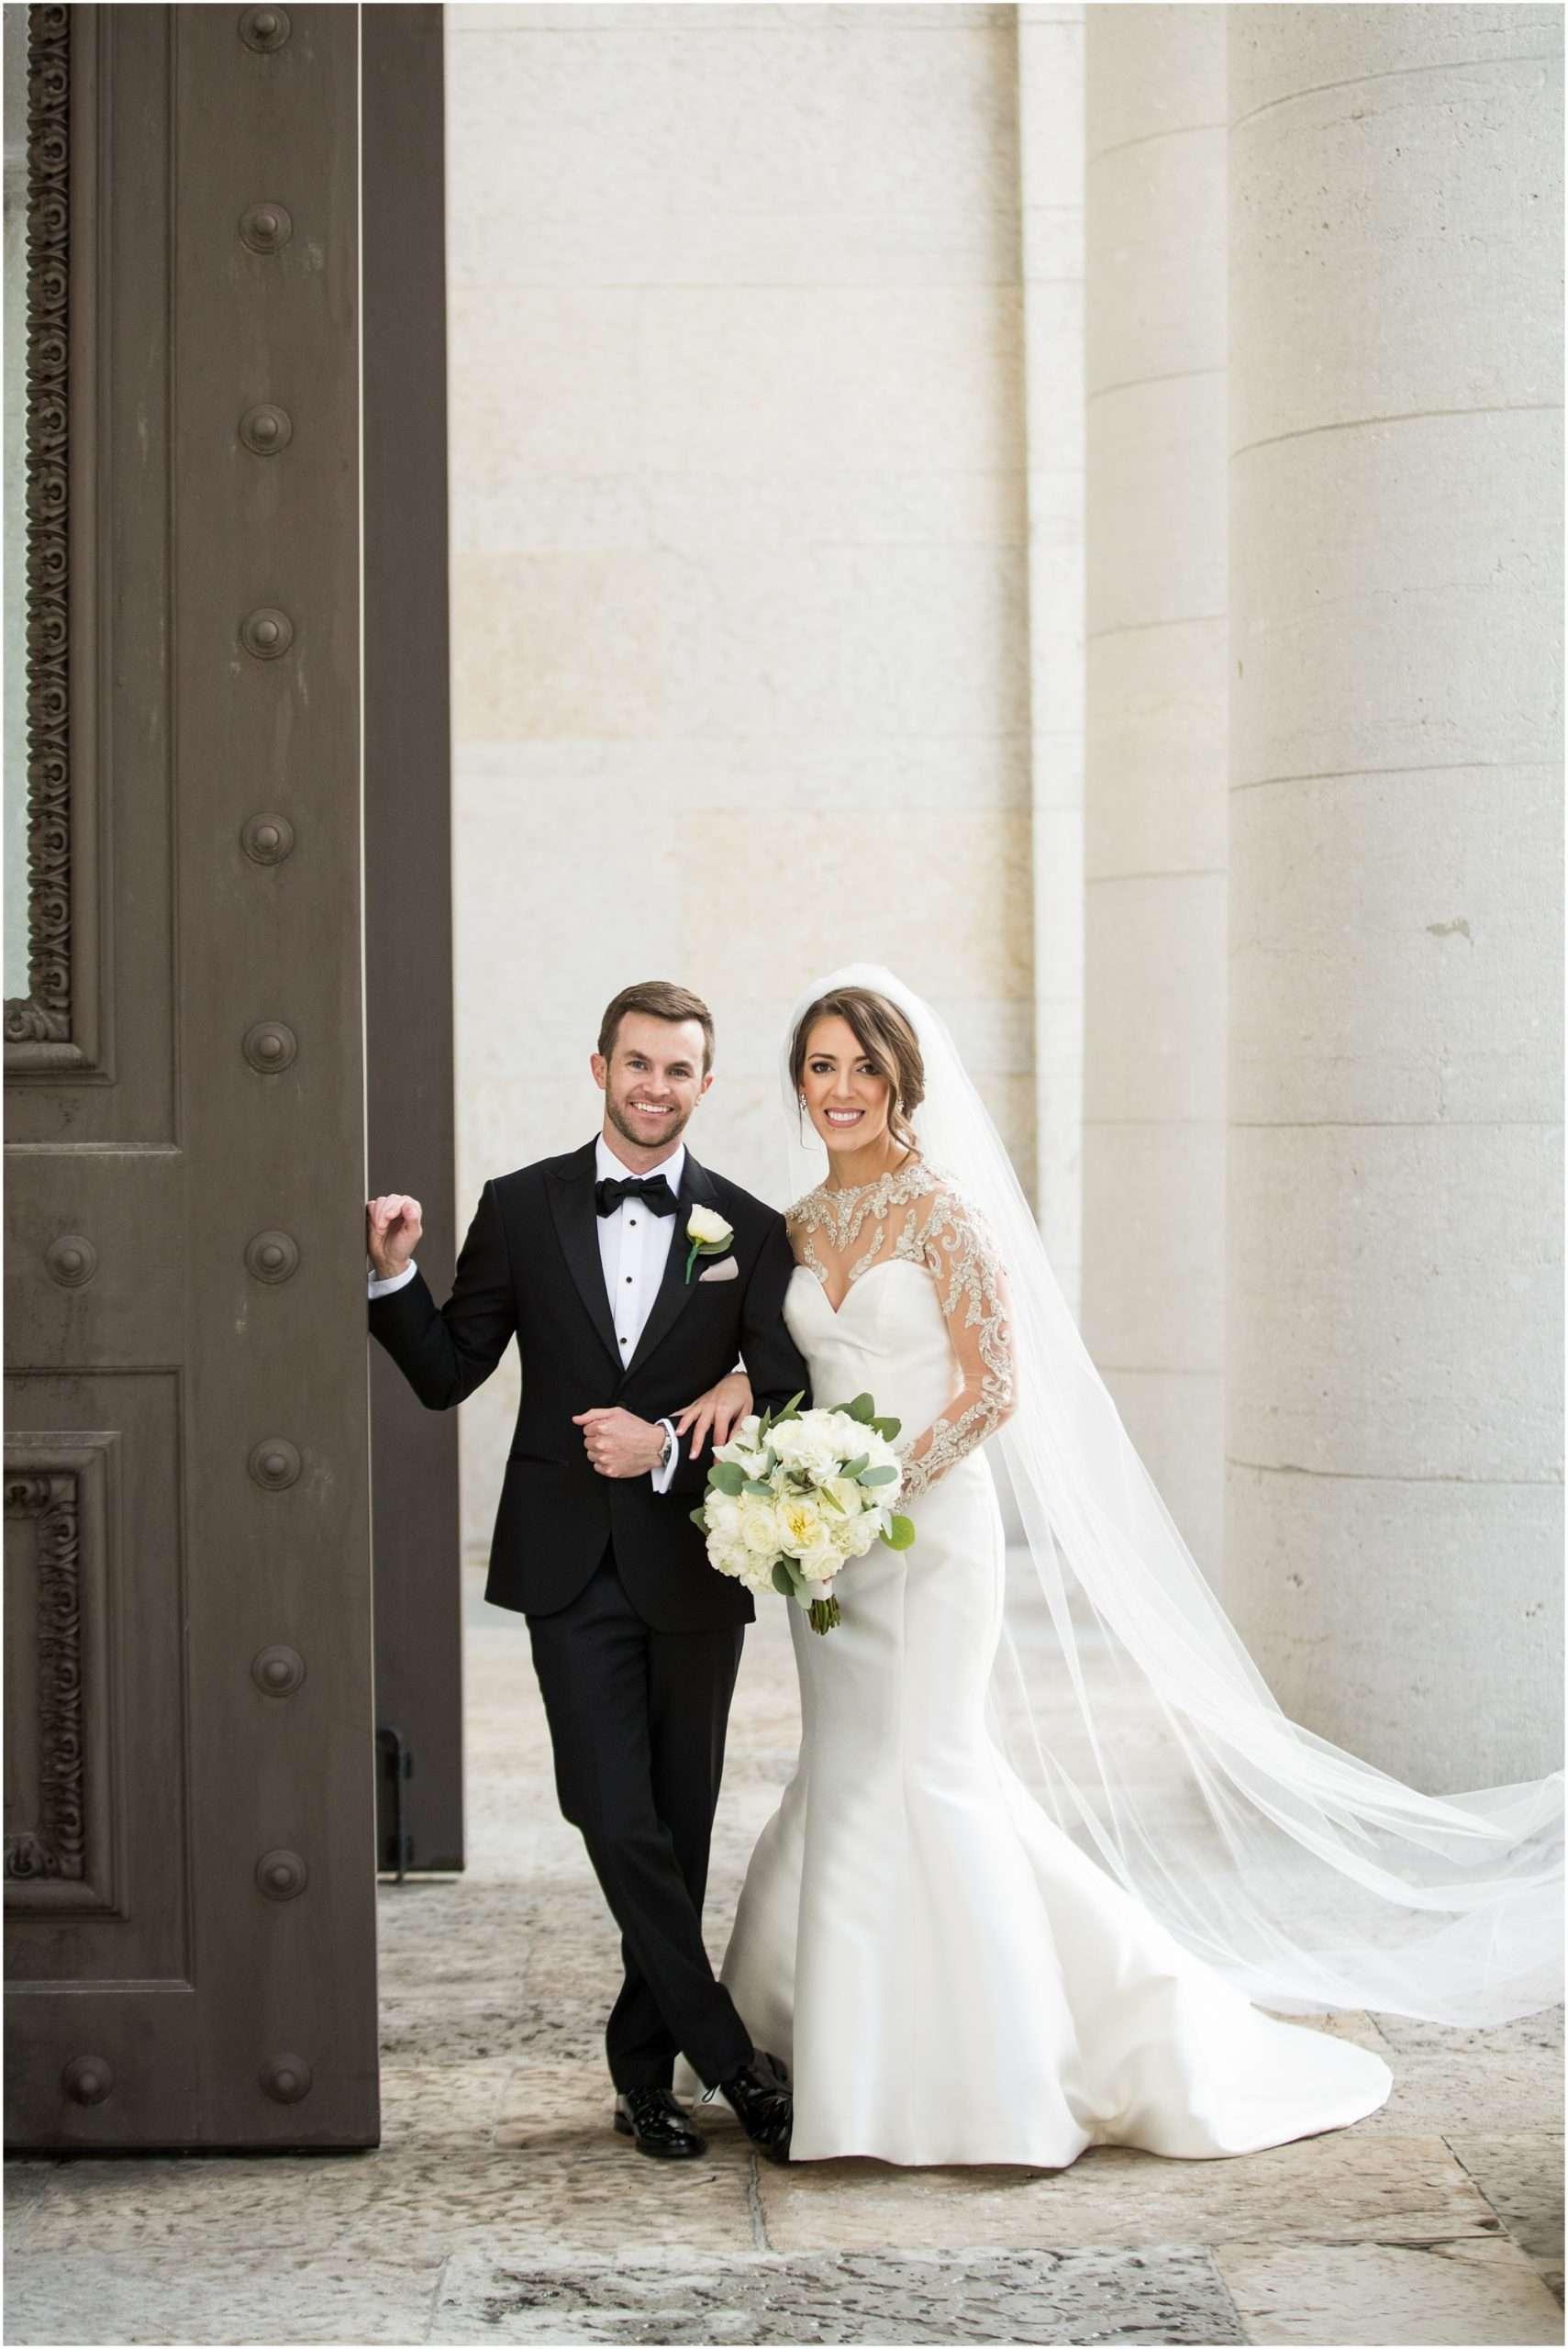 Spring Wedding at the Ohio Statehouse | Columbus Ohio Photography 64